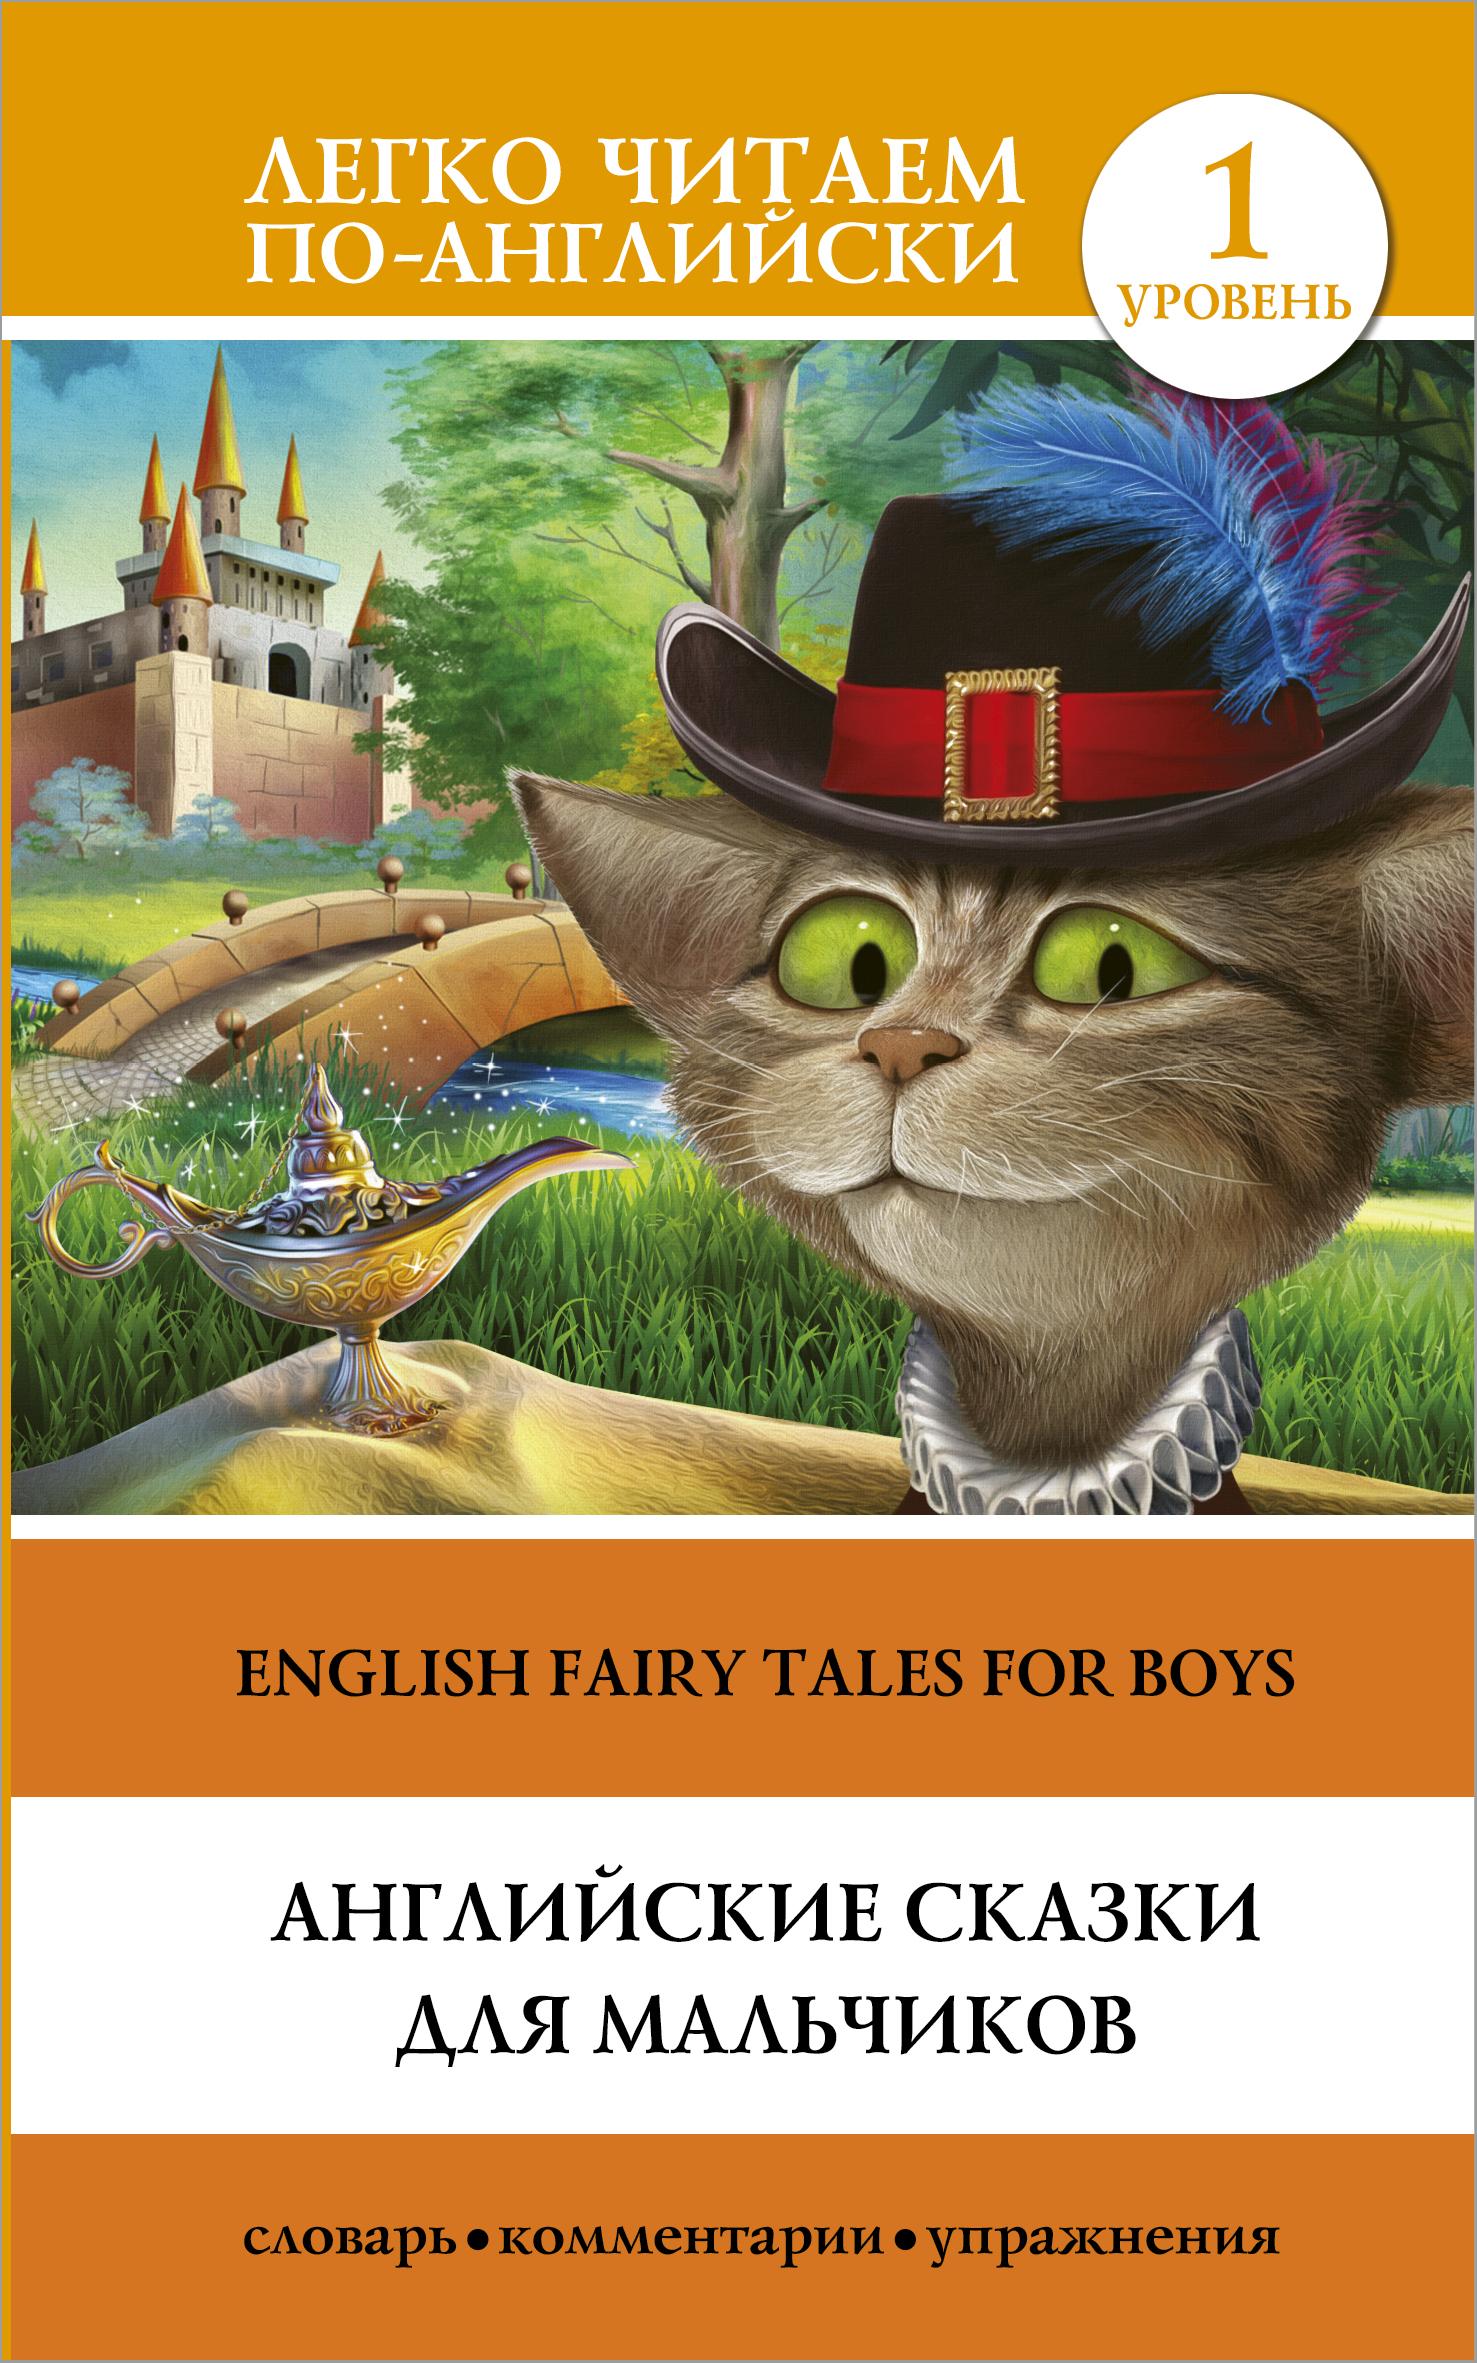 . Английские сказки для мальчиков. Уровень 1 валентин дикуль упражнения для позвоночника для тех кто в пути